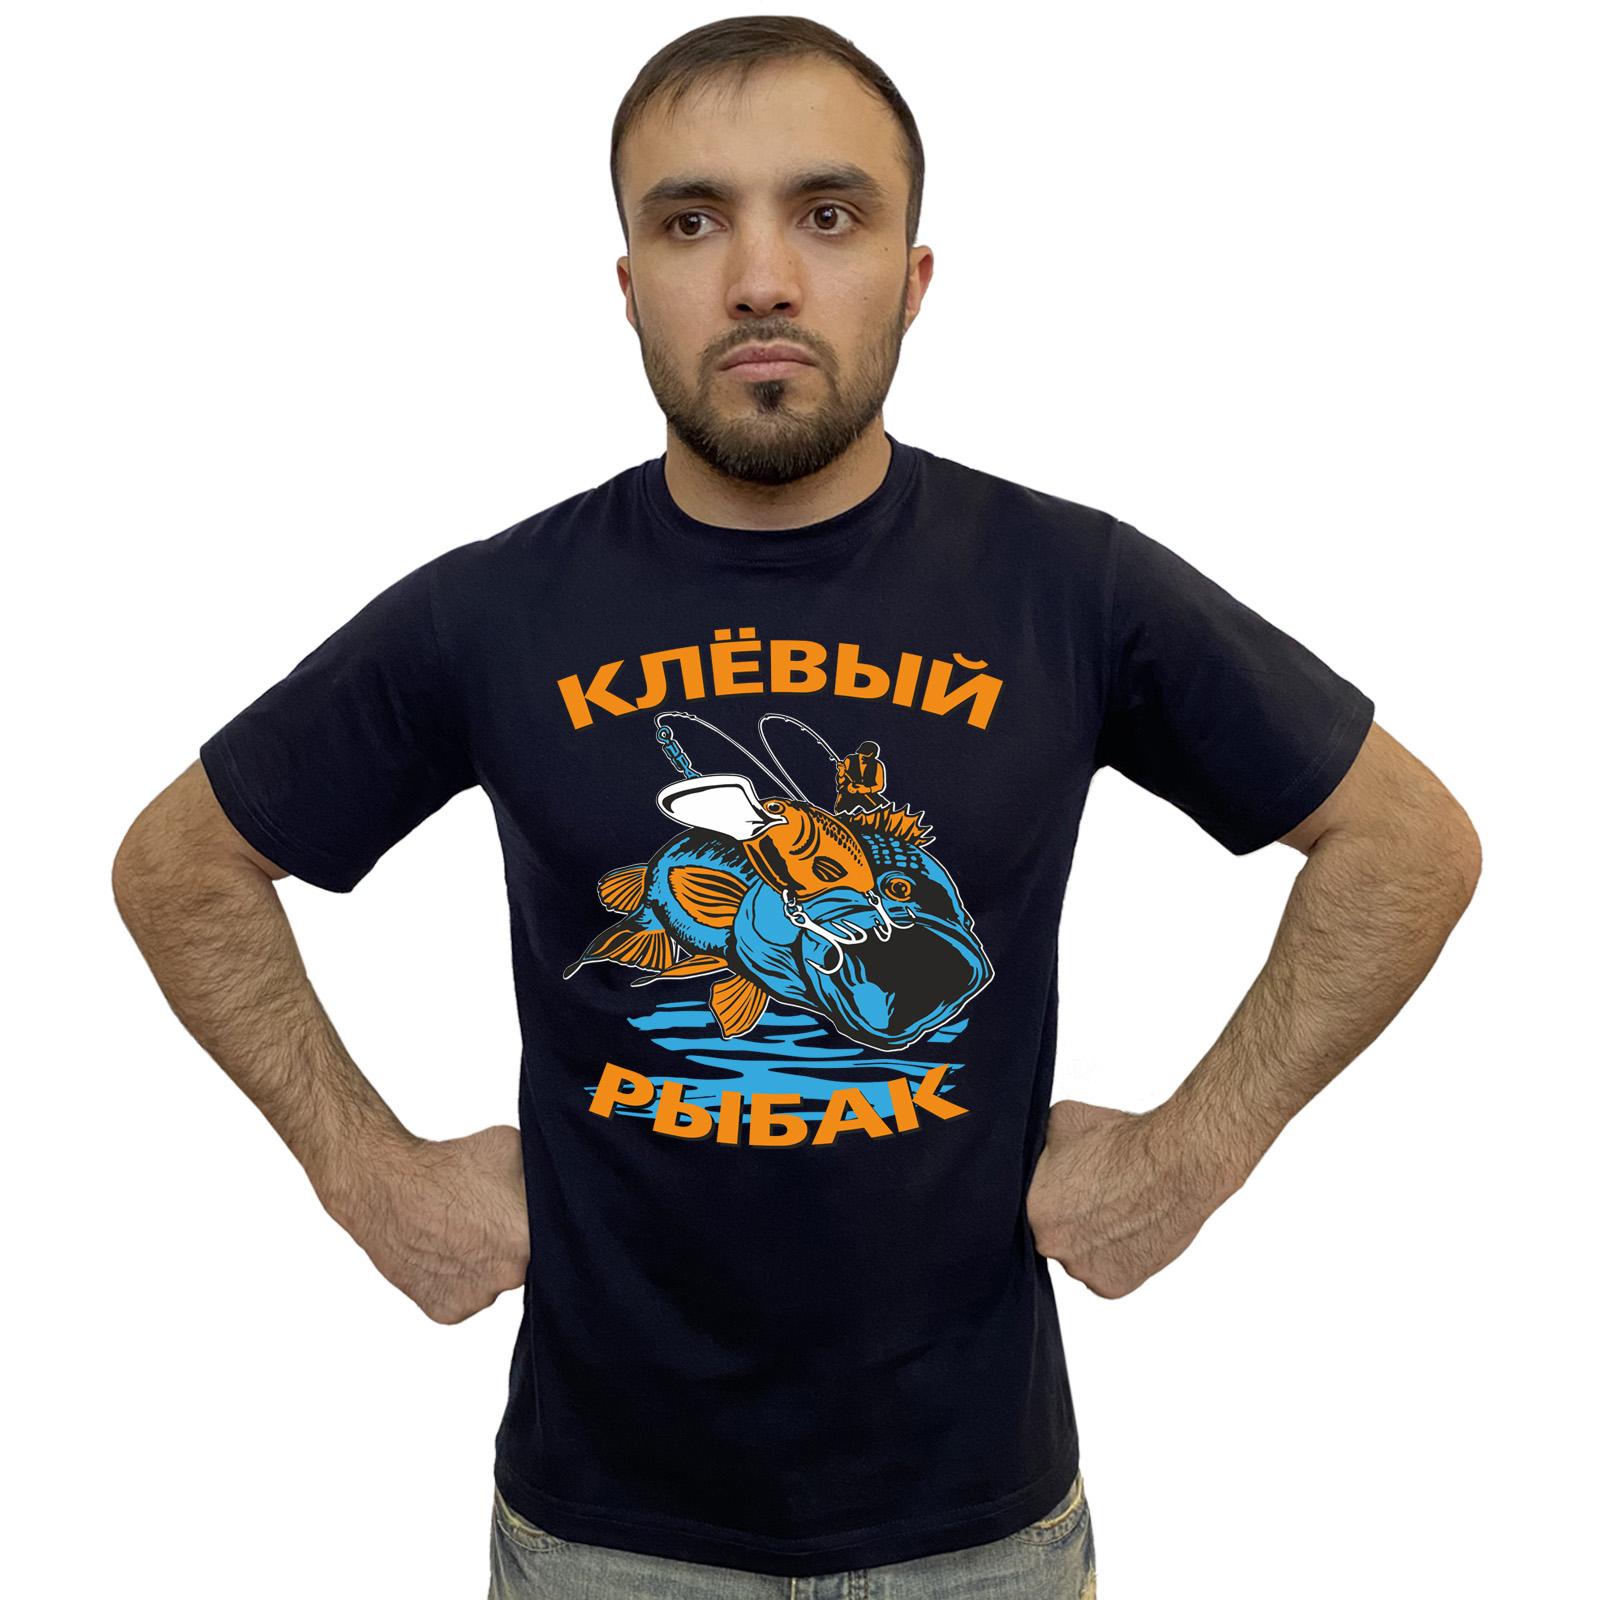 Купить темную футболку с надписью Клёвый рыбак